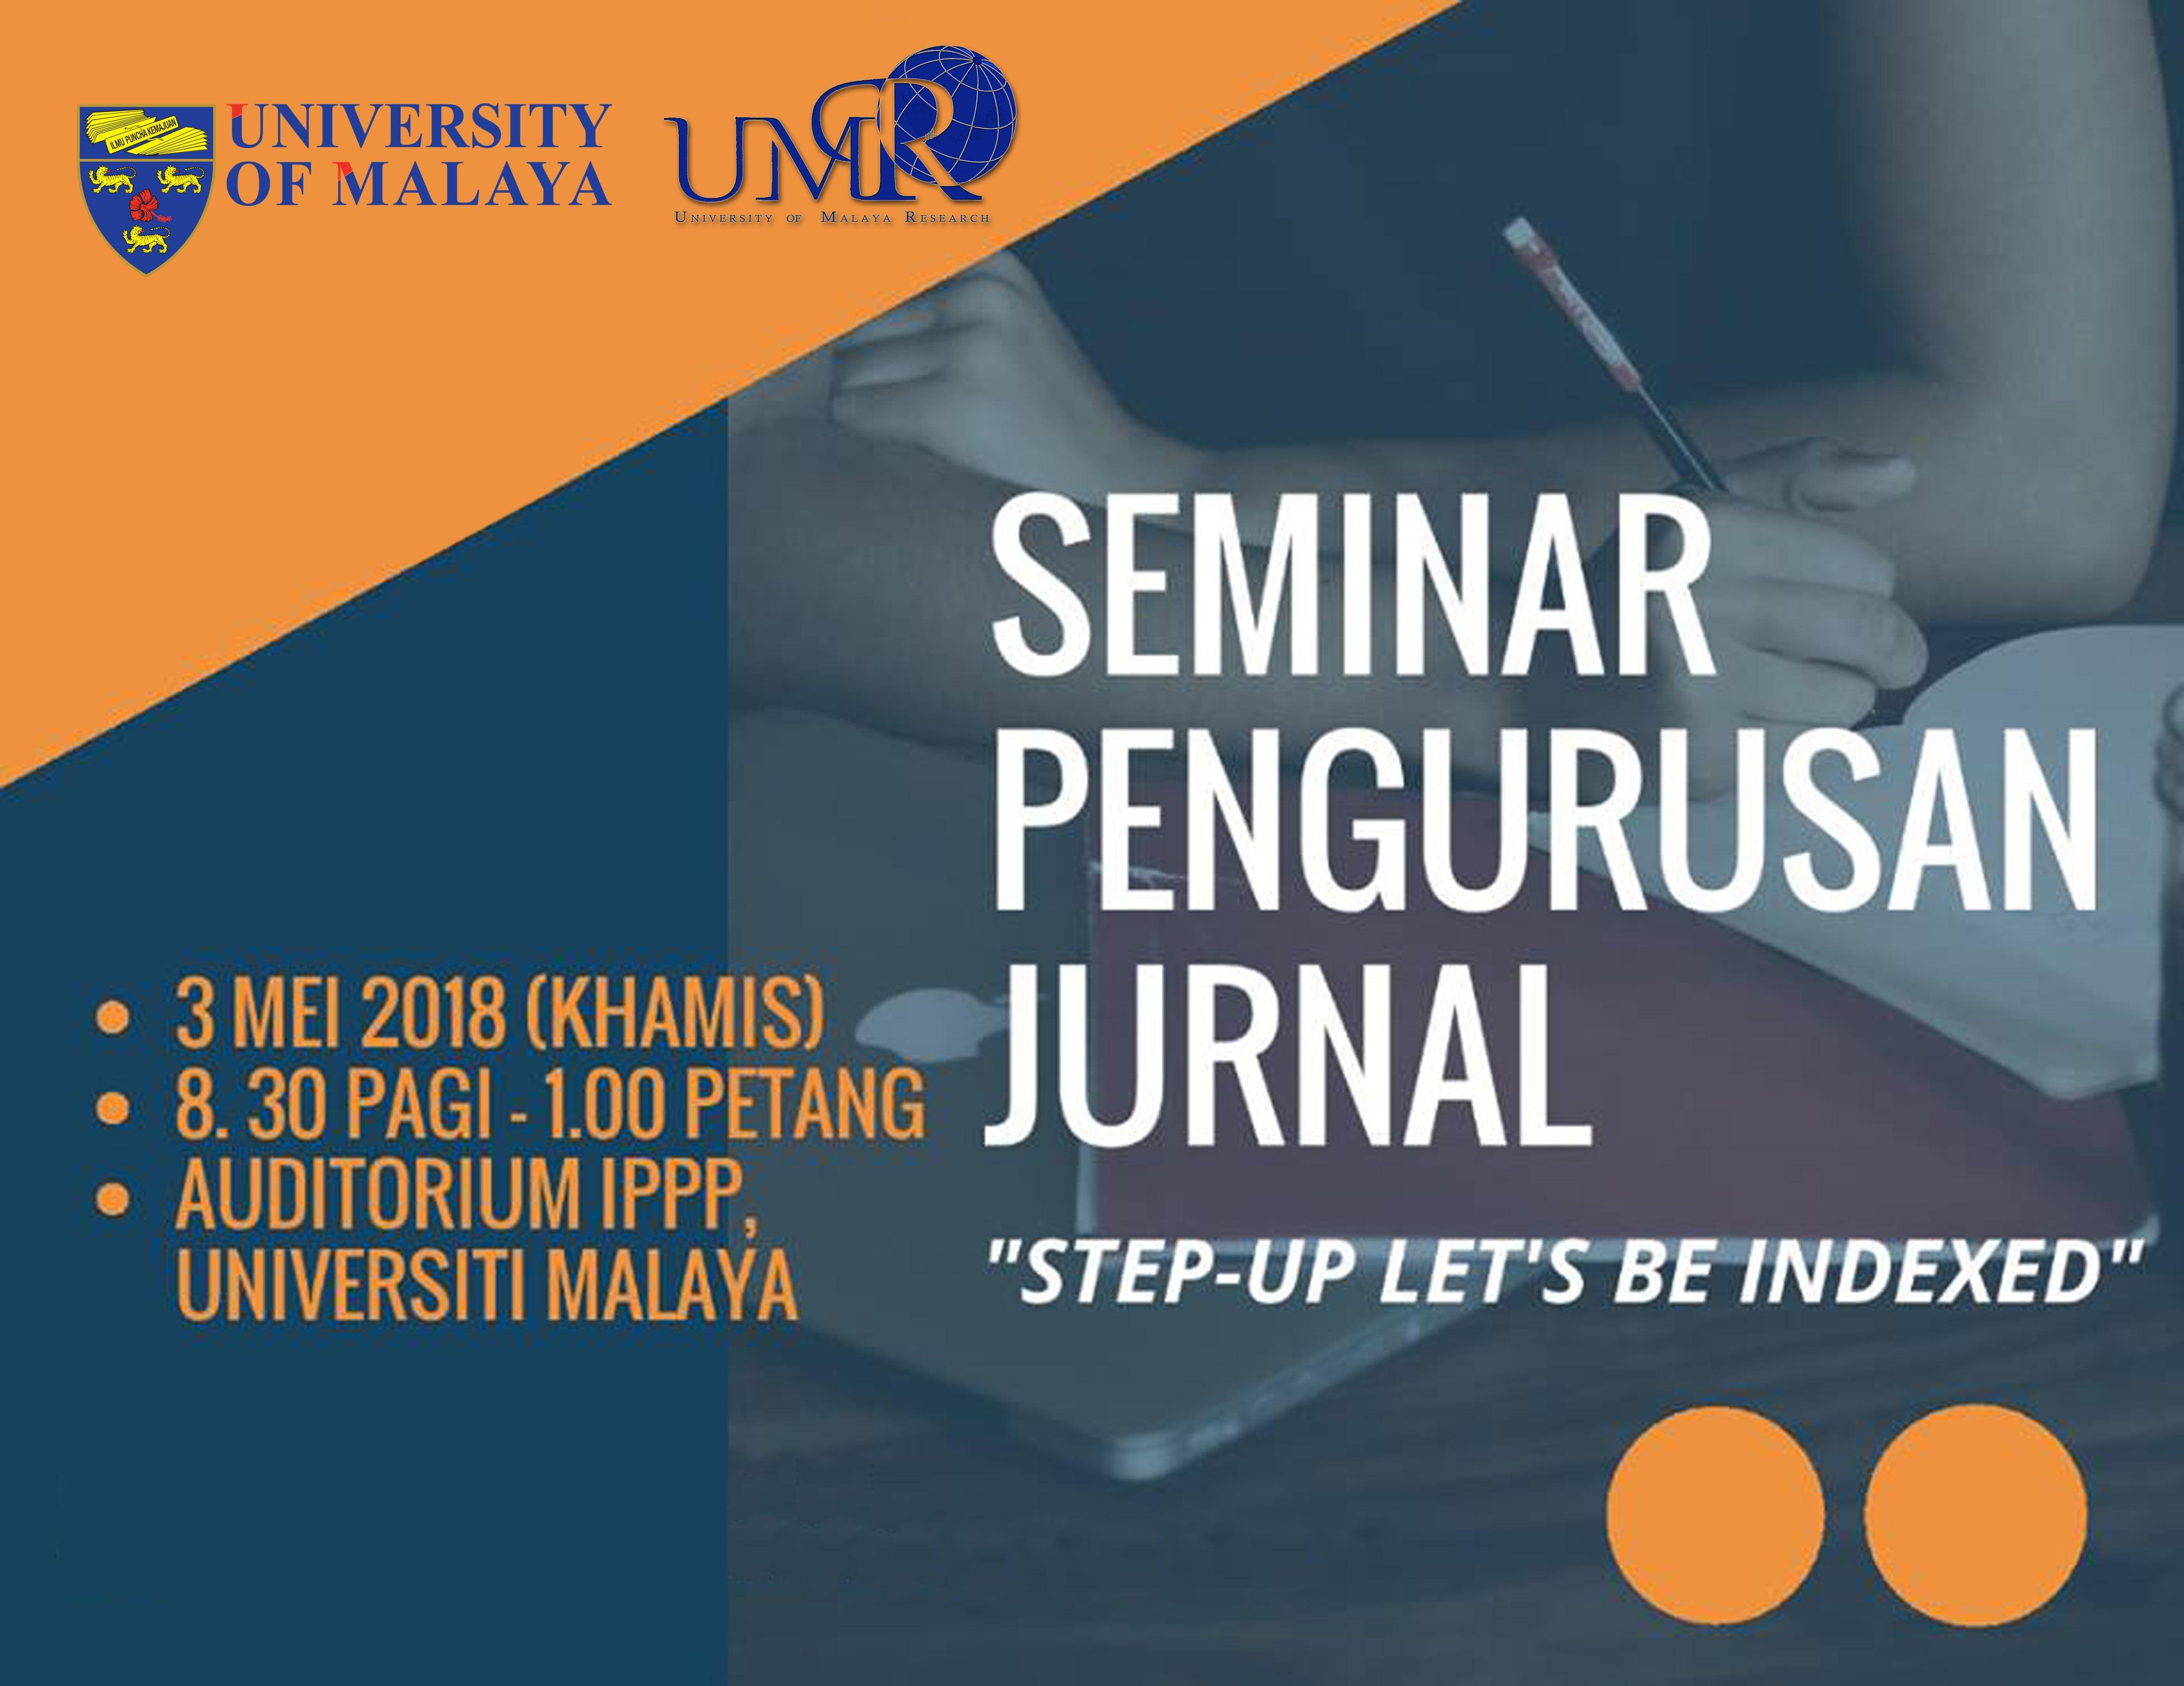 View Seminar Pengurusan Jurnal